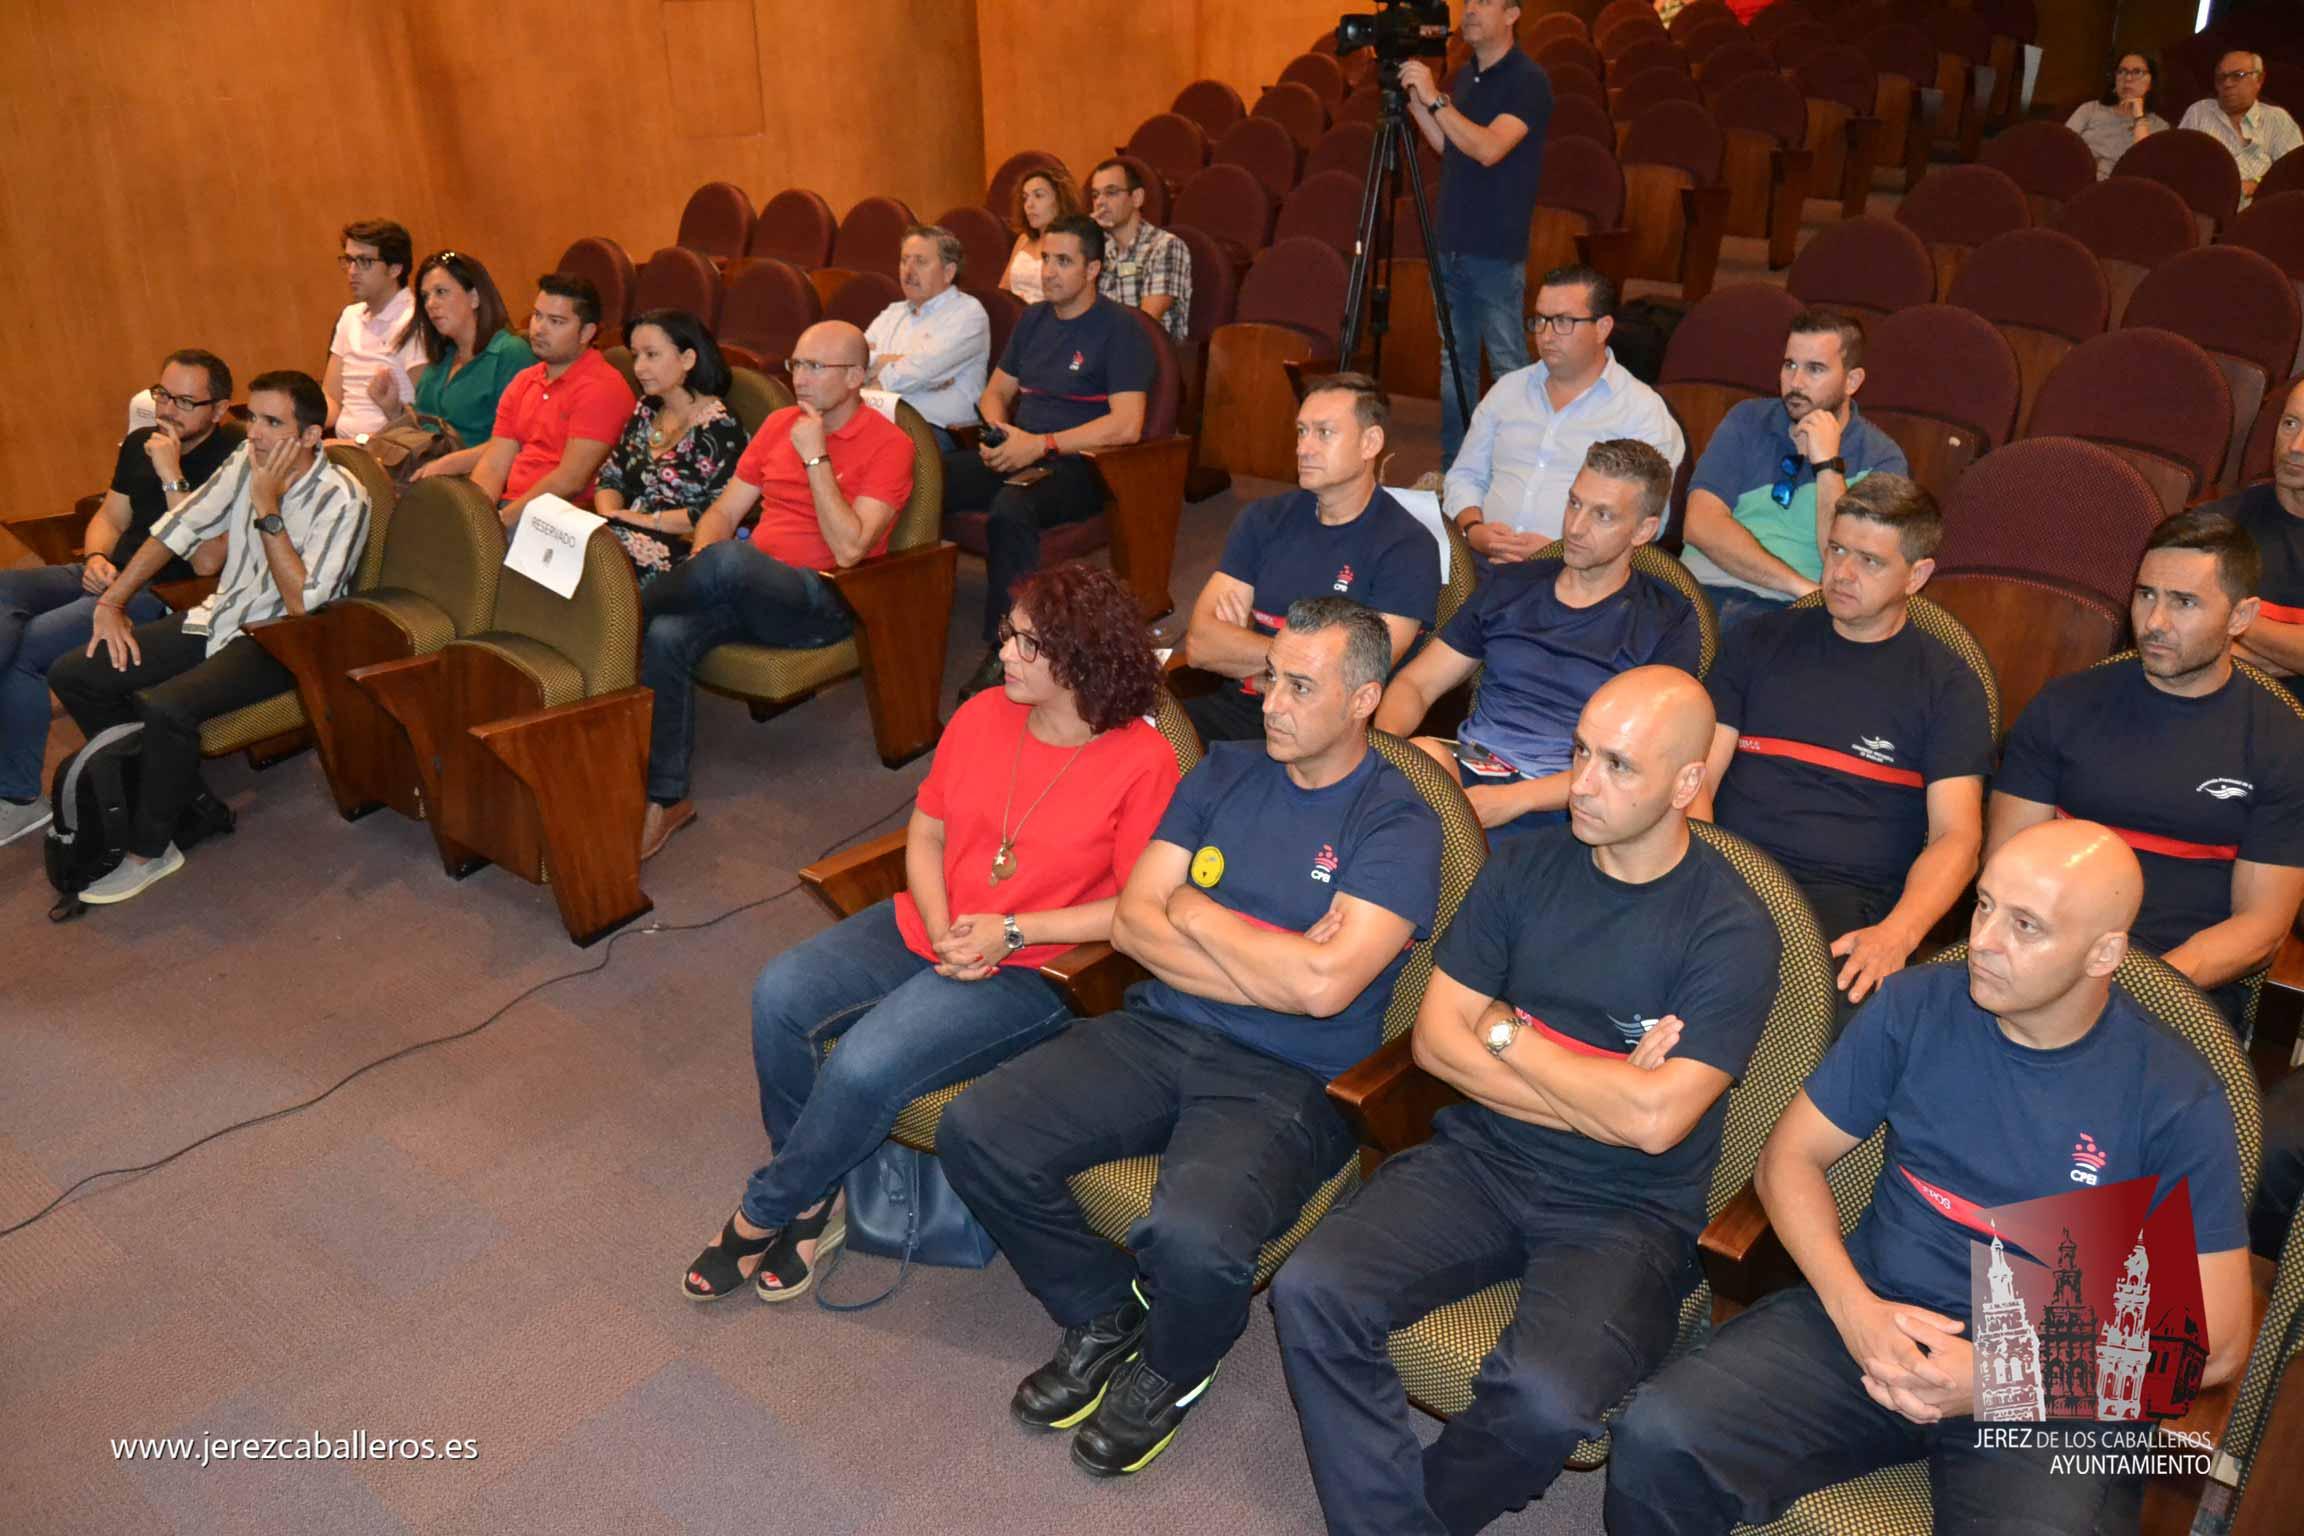 La alcaldesa destaca la mejora que supondrá para Jerez de los Caballeros el nuevo Parque de Bomberos